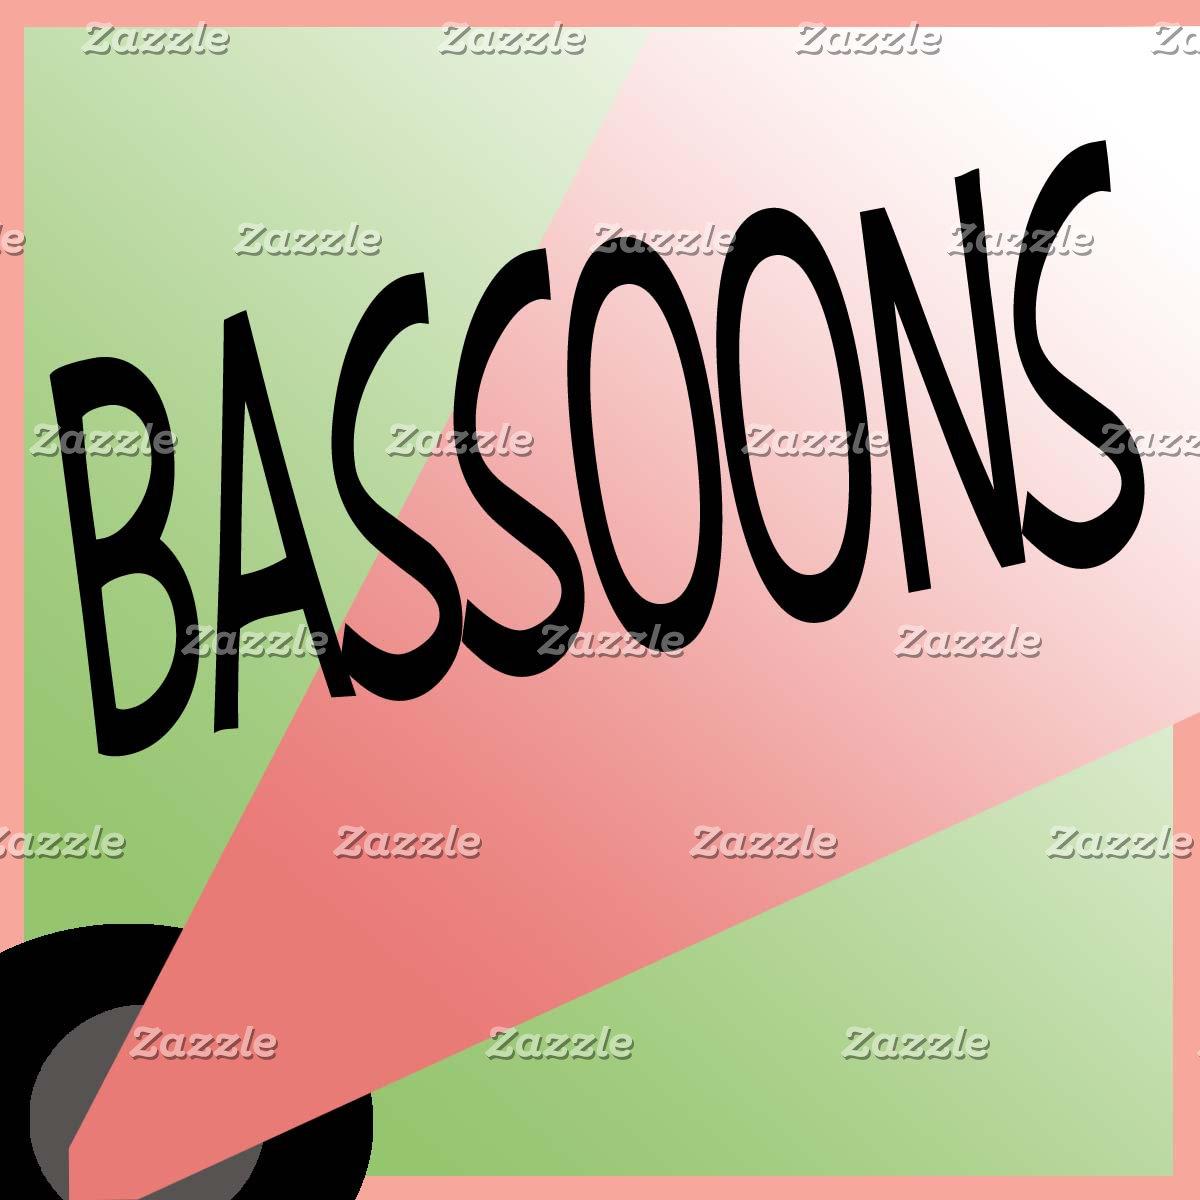 All Bassoon